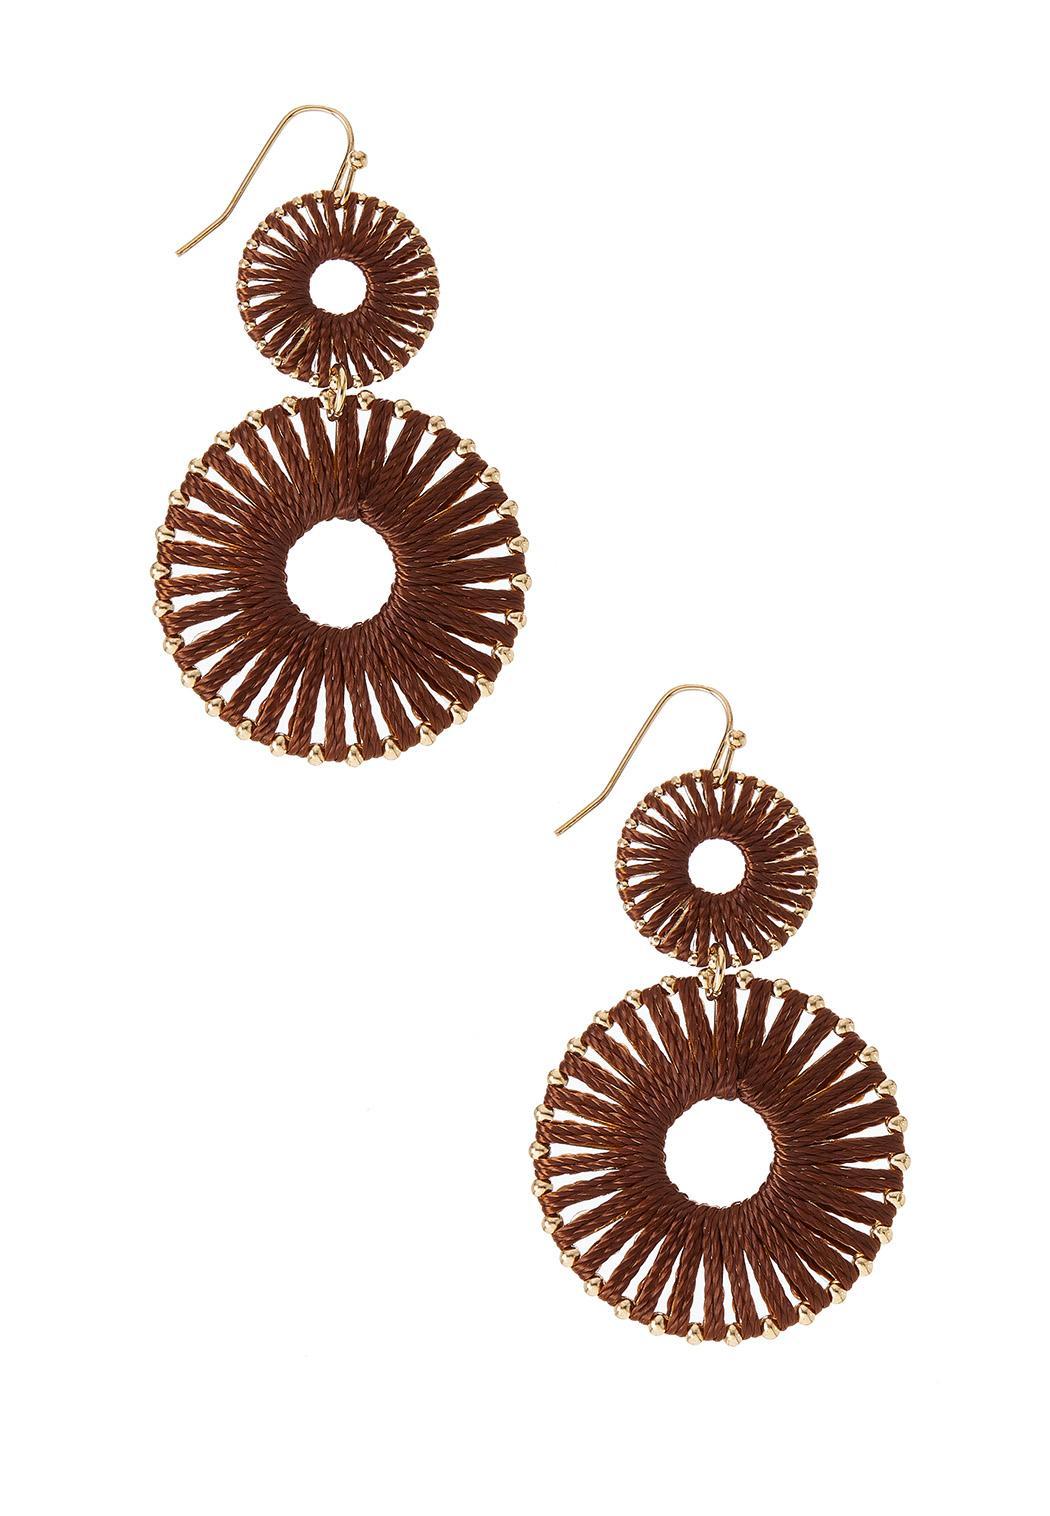 Woven Sunburst Earrings